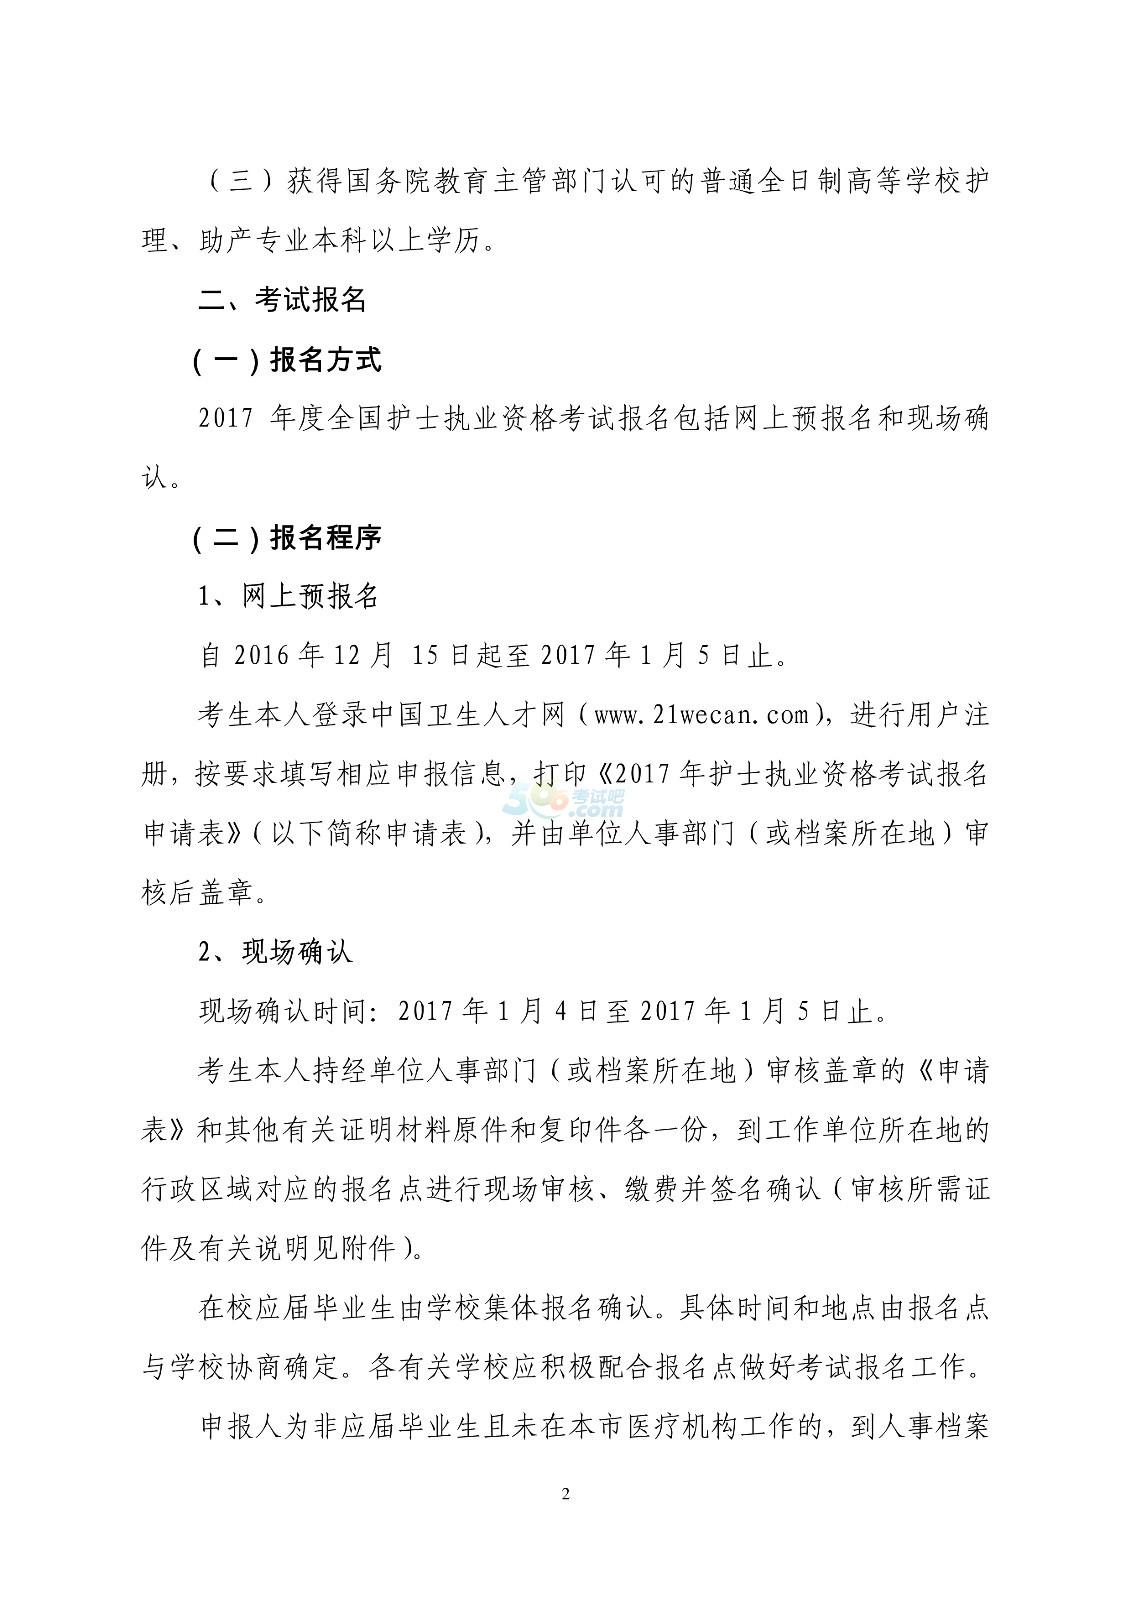 中国卫生人才网:2016护士执业资格查分入口开通-执业护士-考试吧